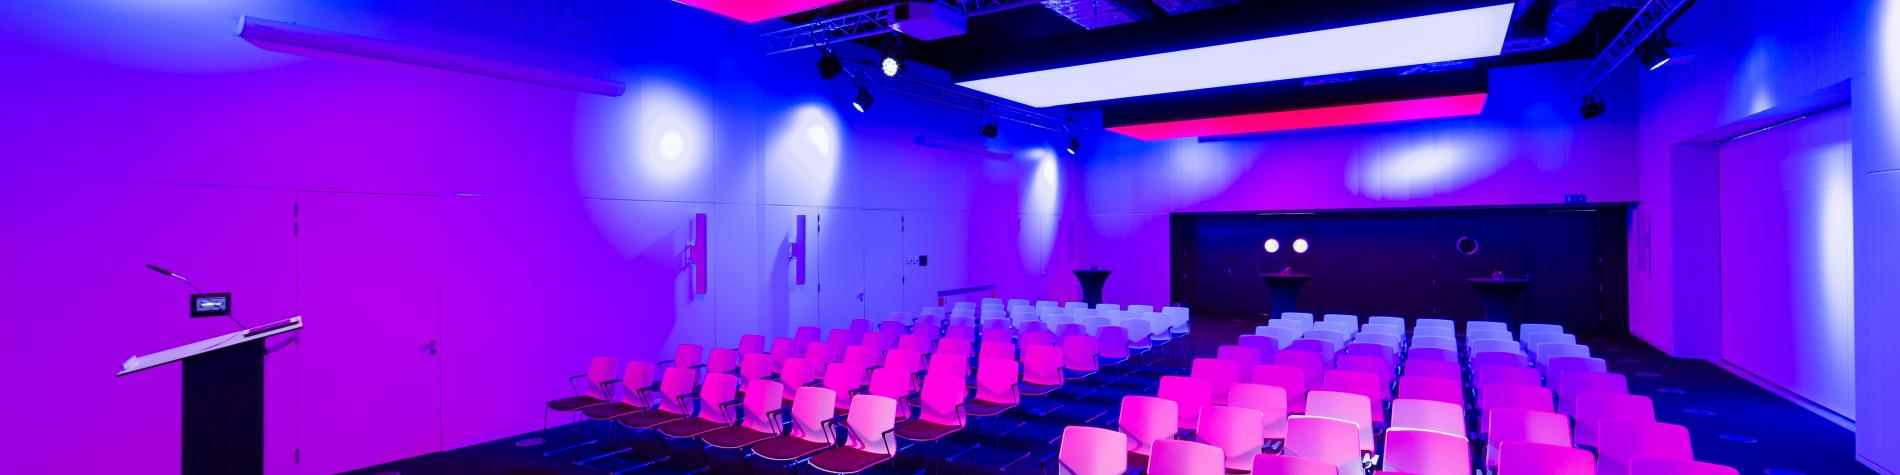 Bluepoint-salle de conference